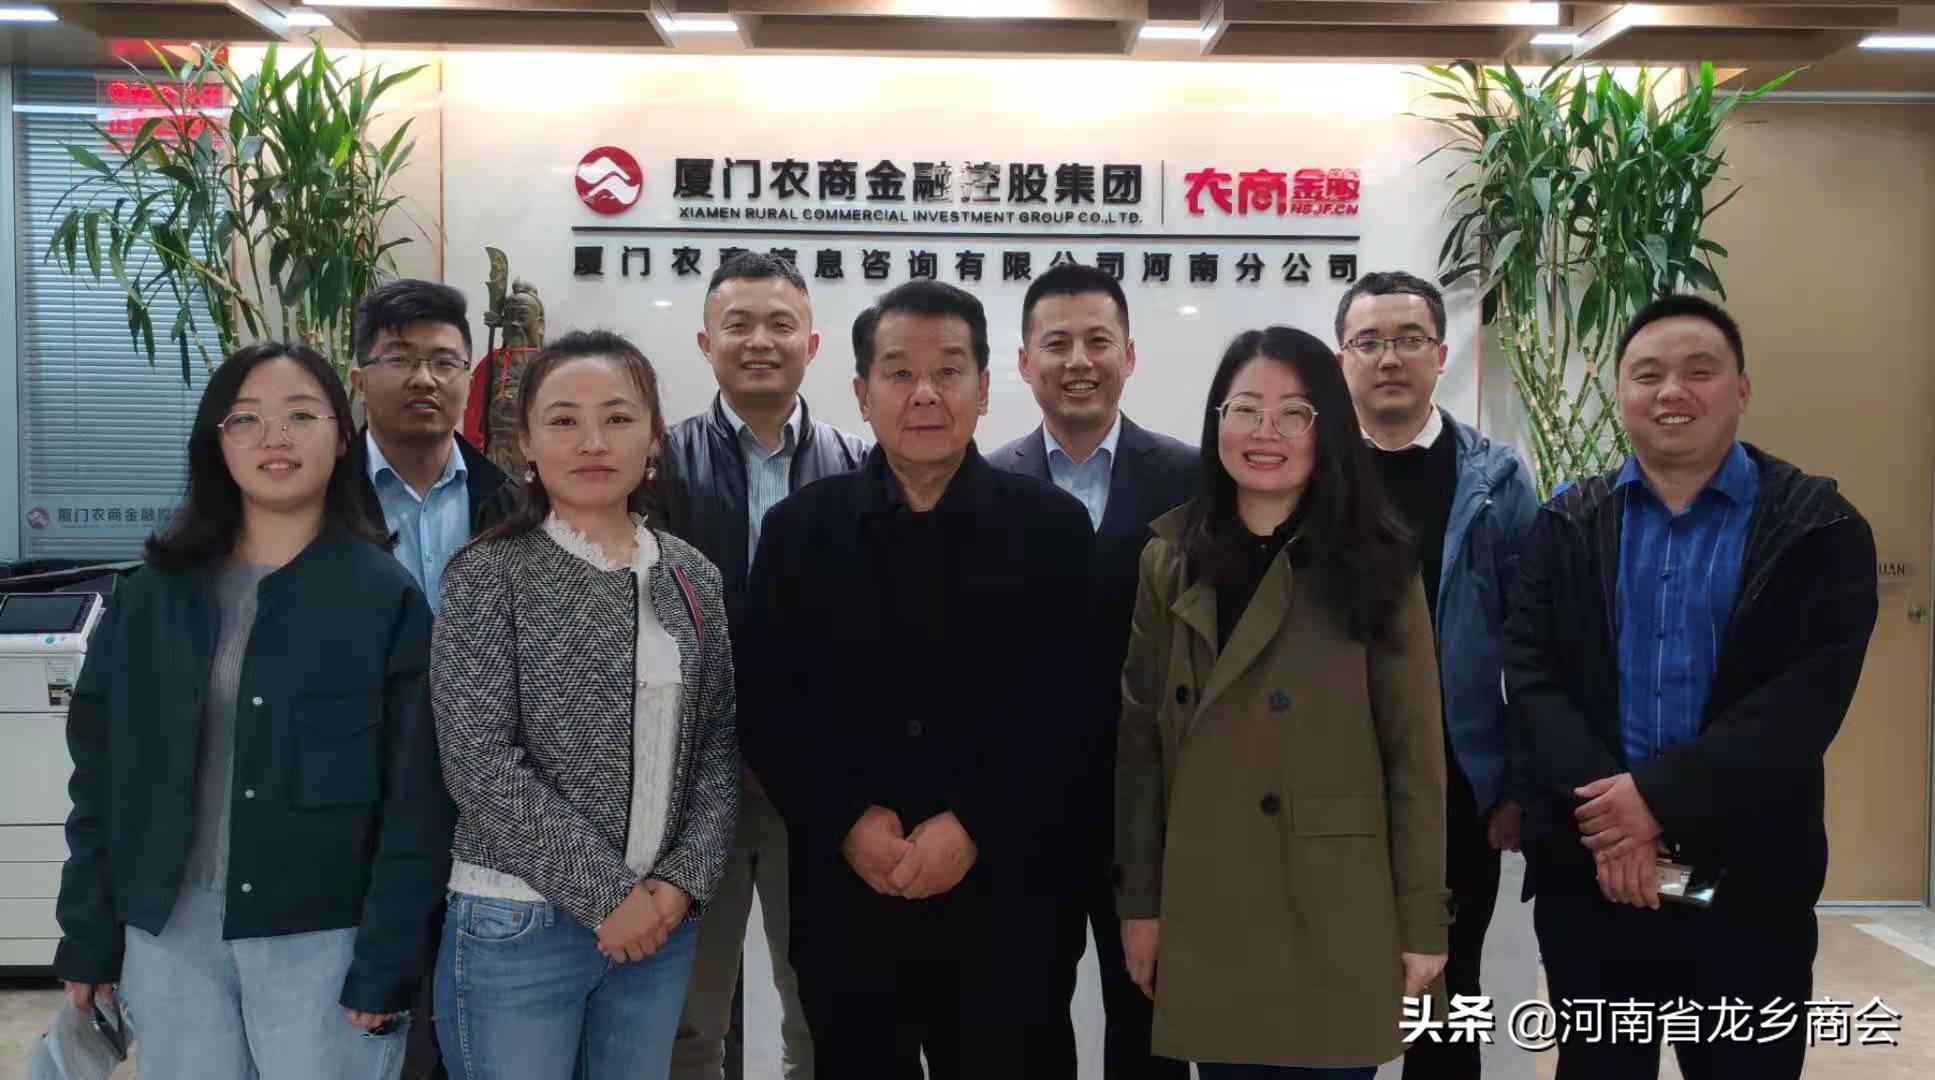 河南省龙乡商会组织走访厦门农商金融控股集团河南分公司